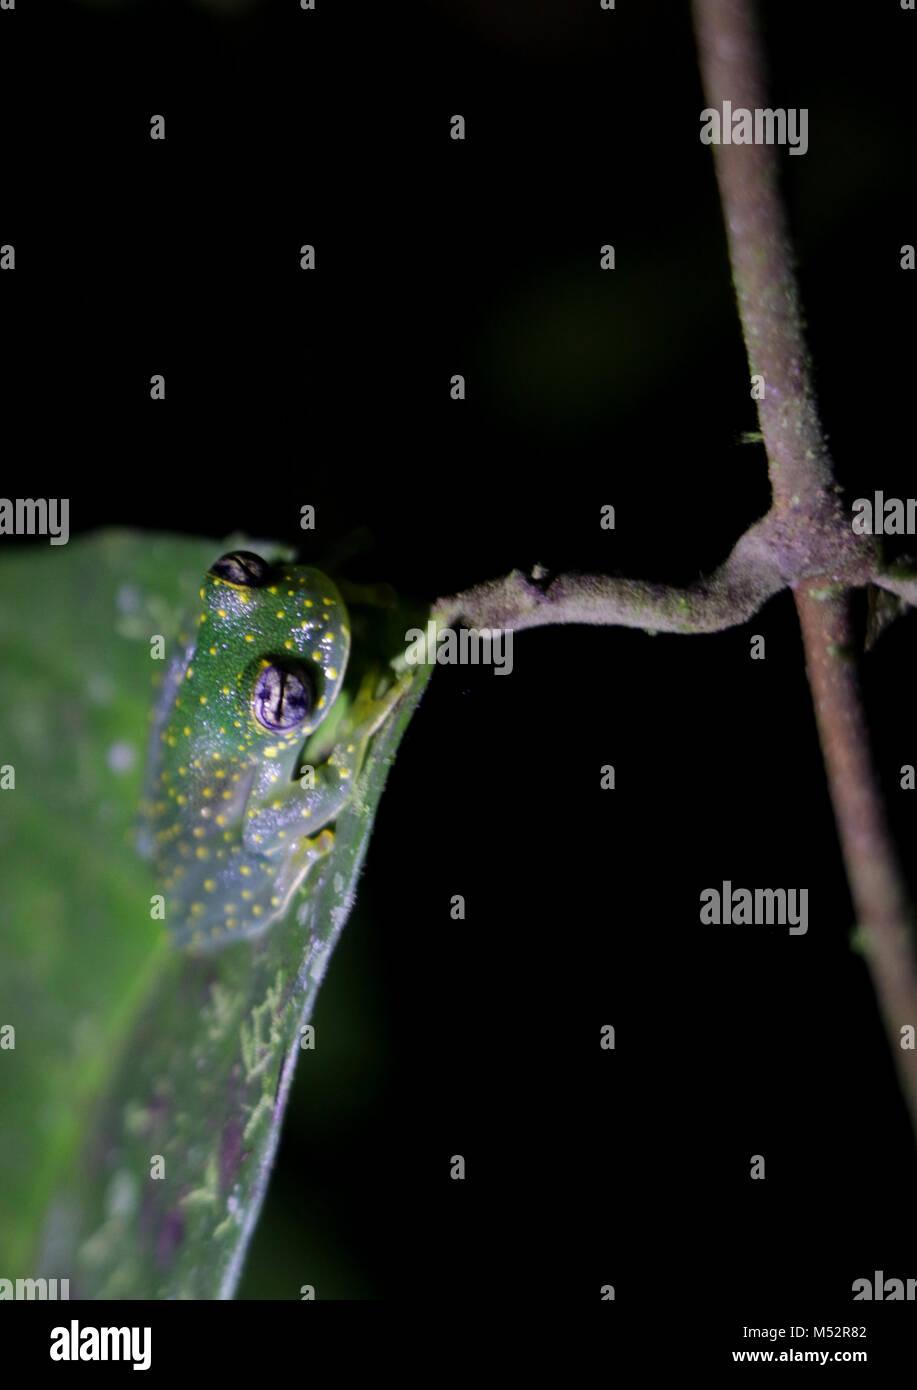 Cochranella glass frog Osa Peninsula Costa Rica Stock Photo